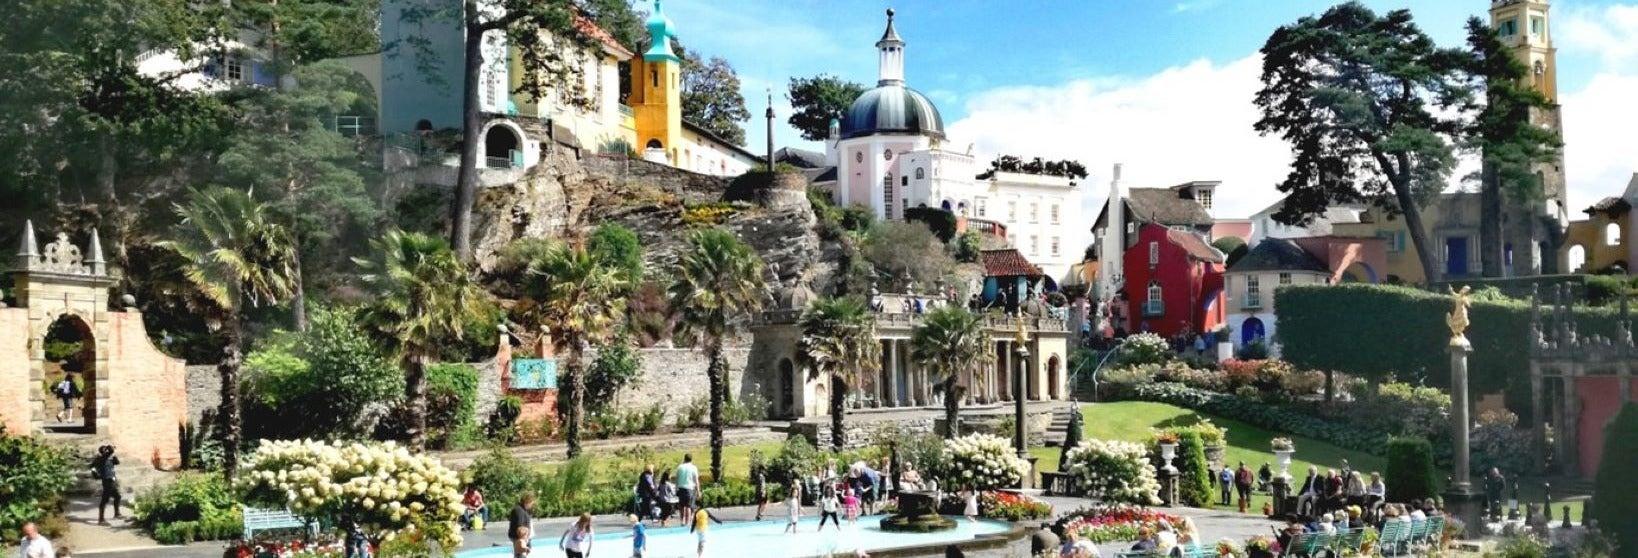 Excursión a Caernarfon, Portmeiron y Parque Nacional Snowdonia